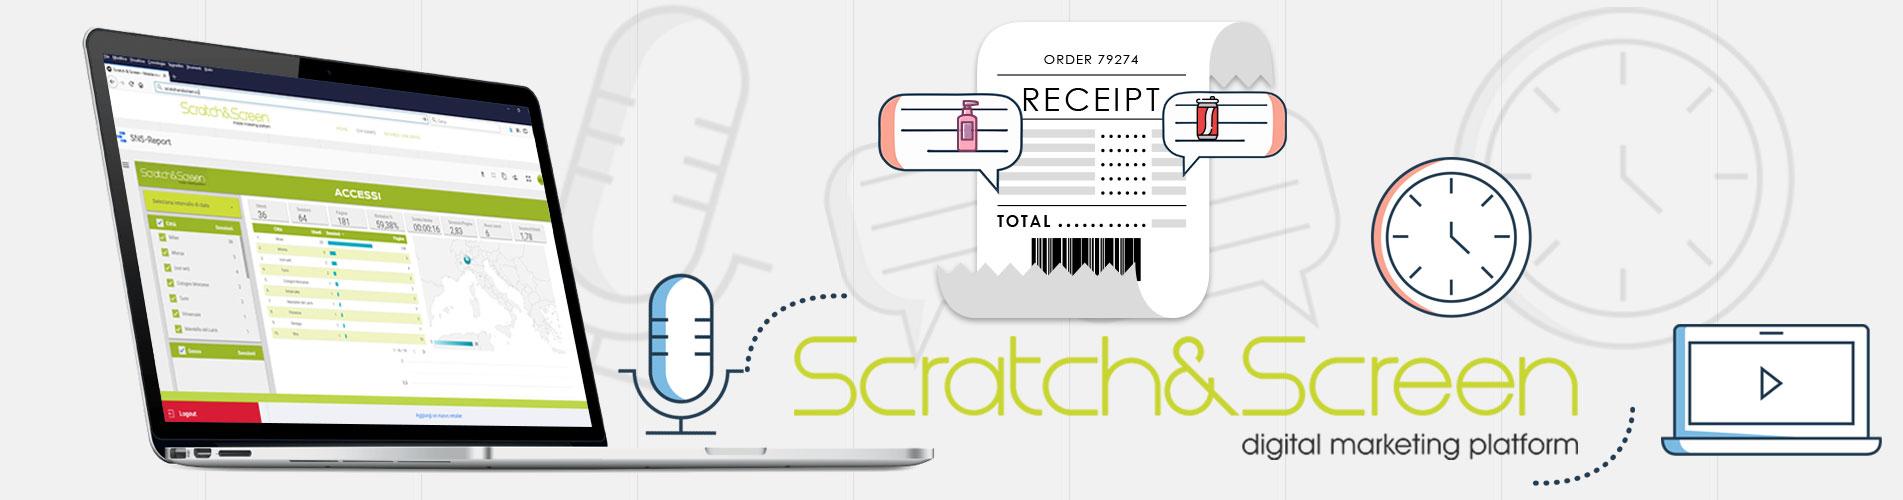 Scratch&Screen: Gli scontrini in gioco